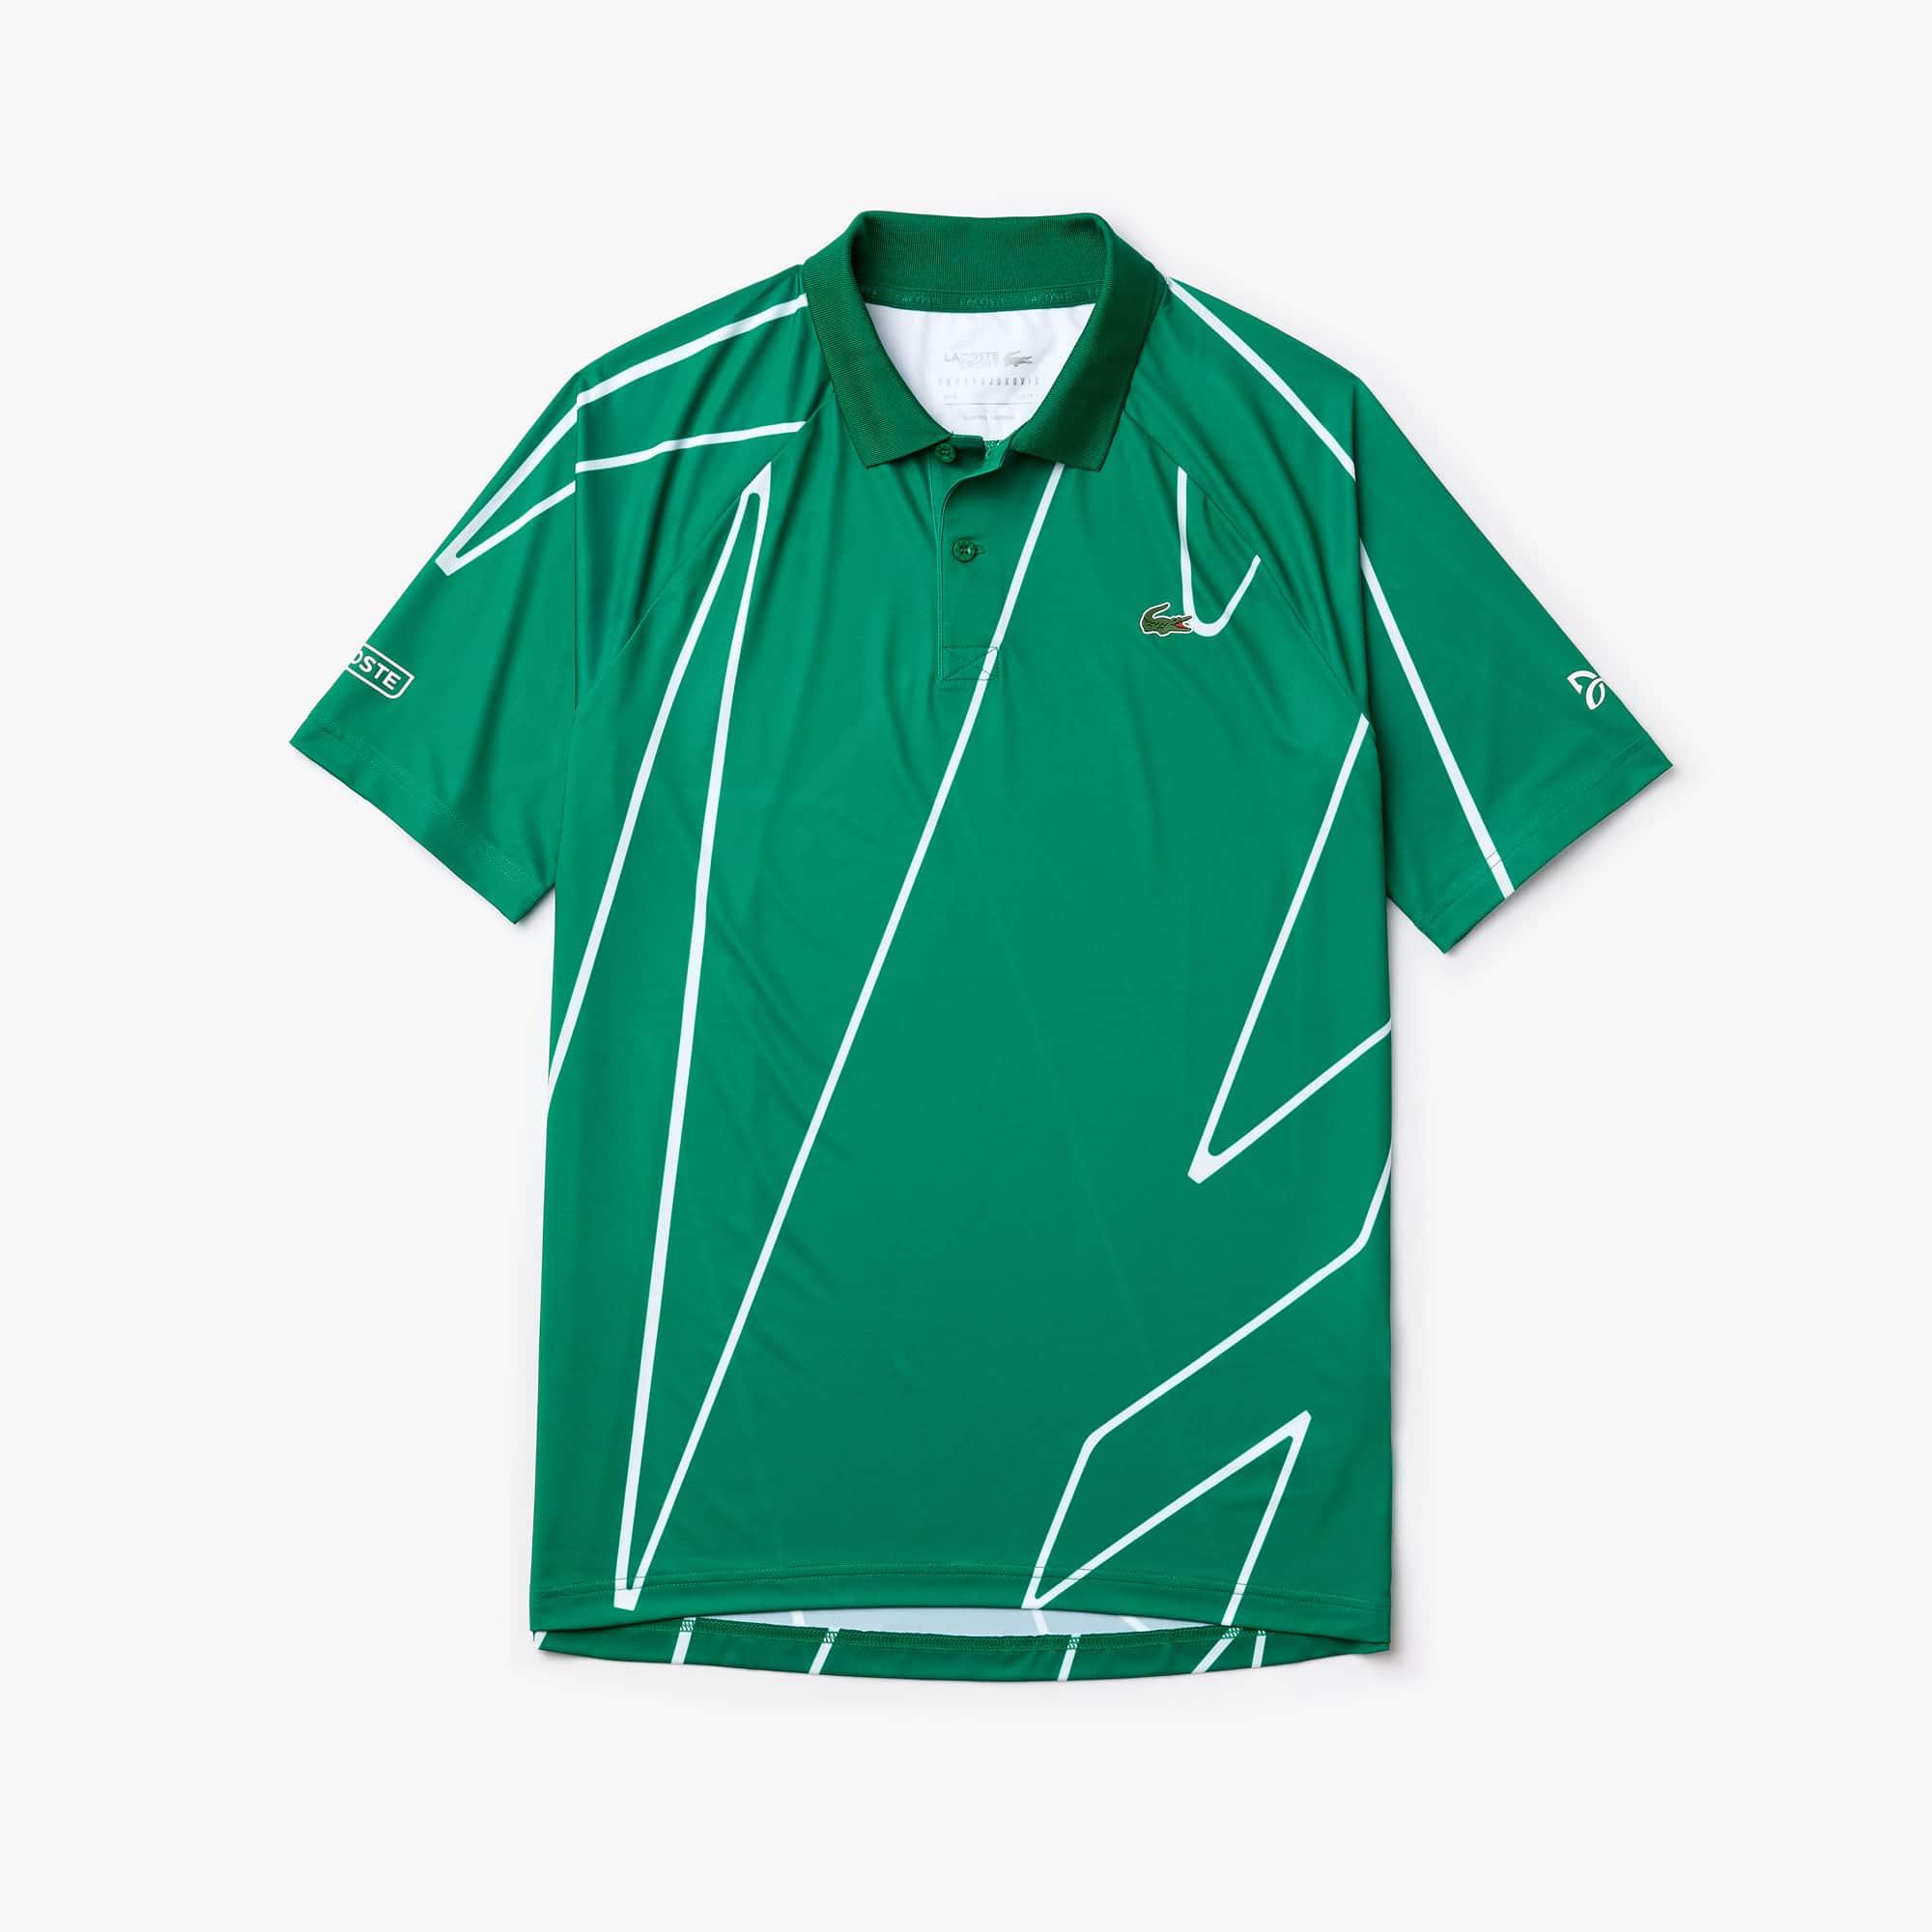 Lacoste Australian Open 2020 T-shirt